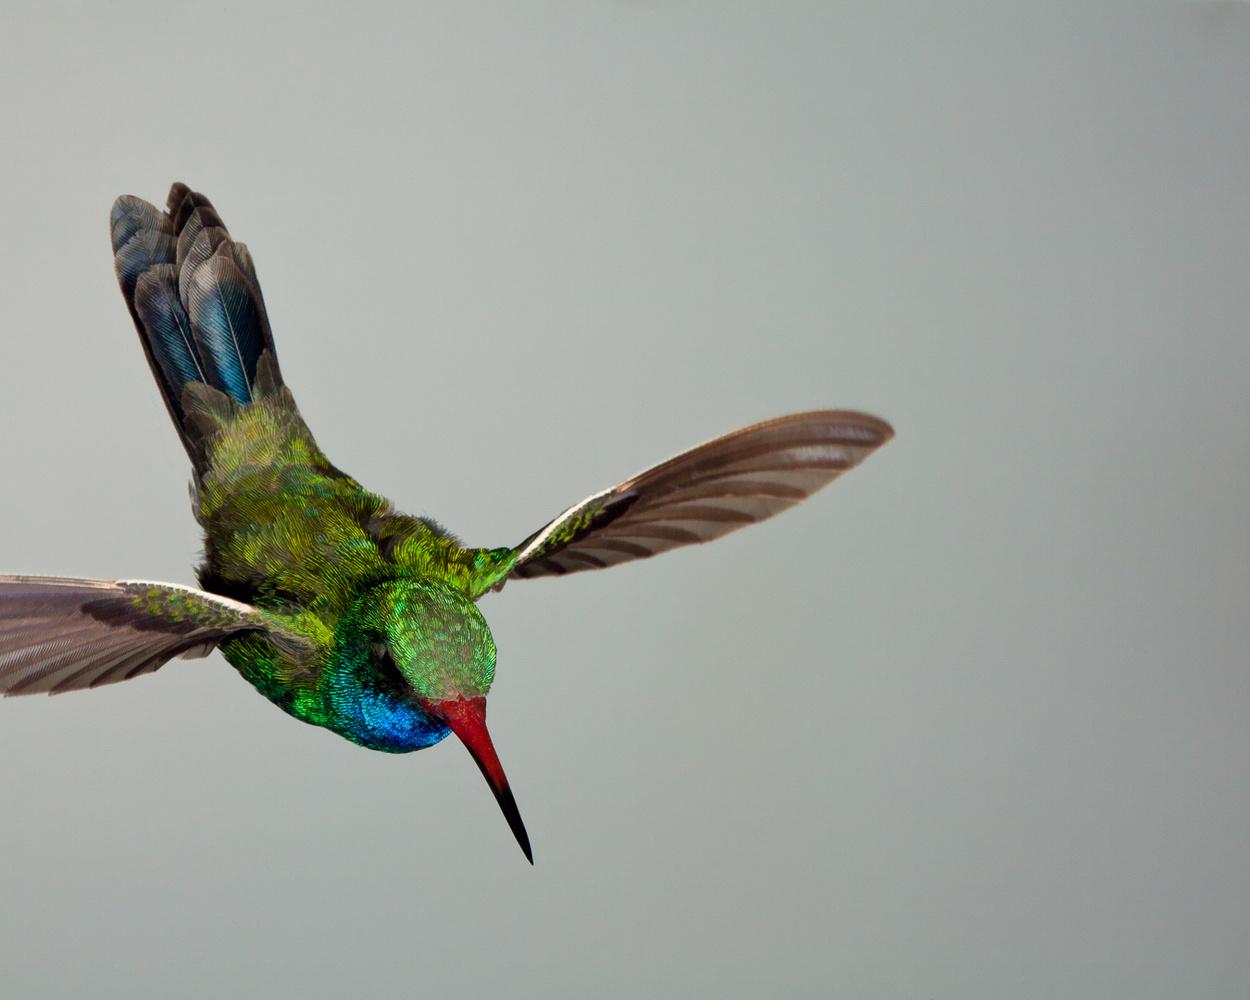 Descending Broad-billed Hummingbird by Gregory Scott